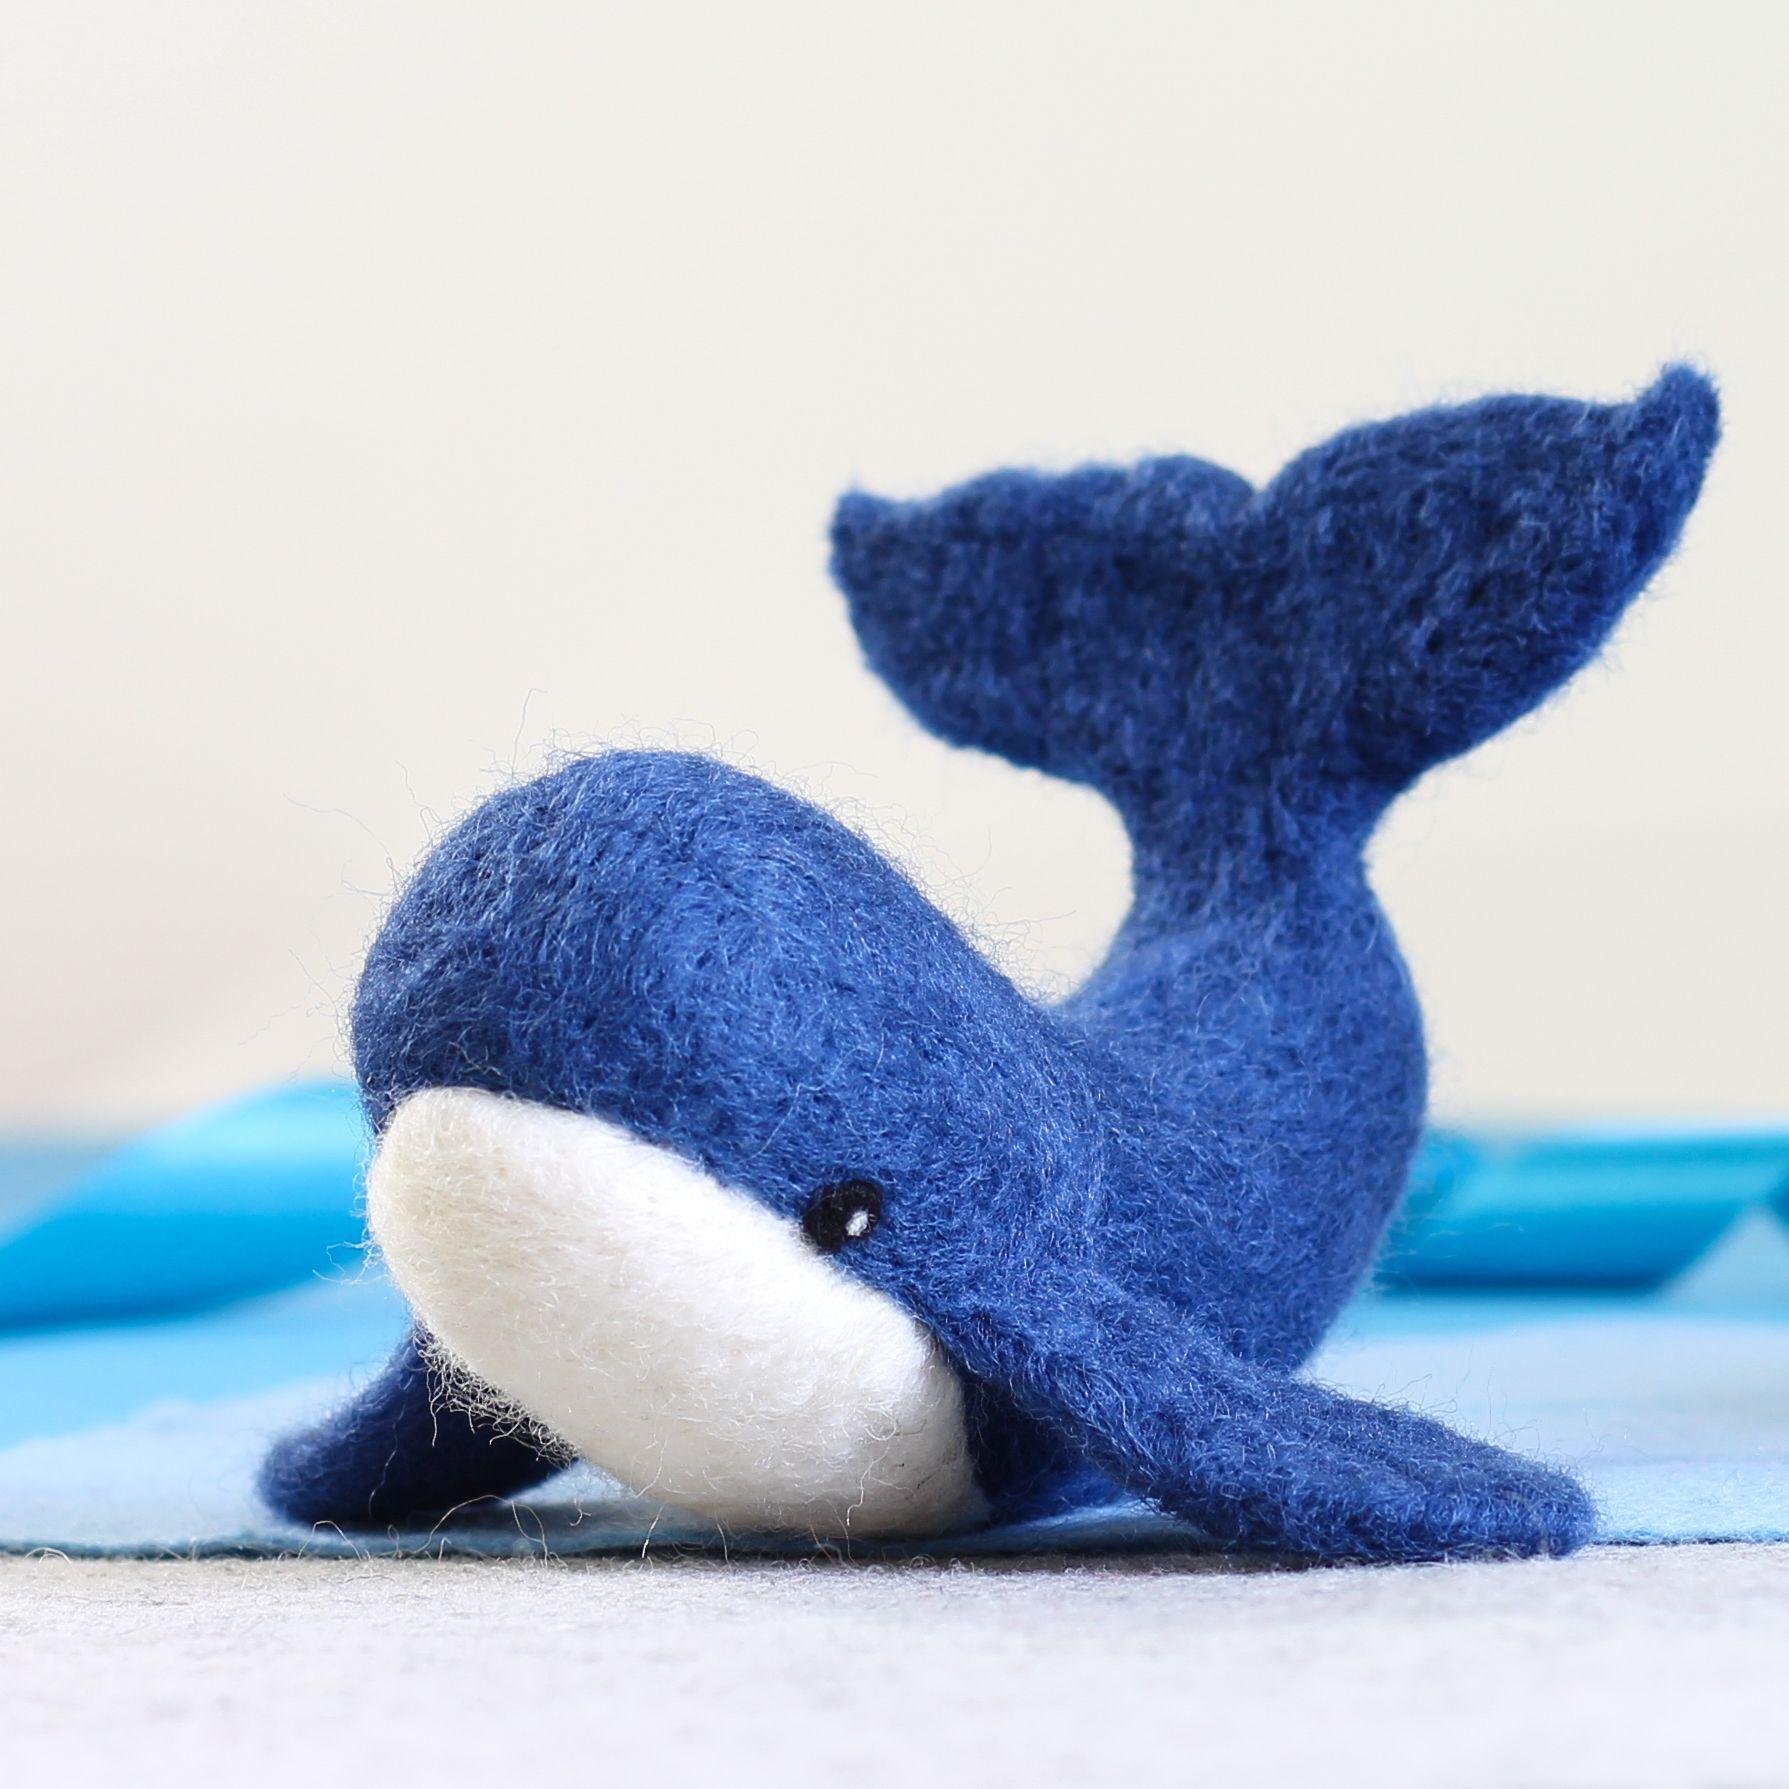 Whale Needle Felting Kit #whale #needlefelting #needlefeltingkit #felting #feltedwhale #whalecraftkit